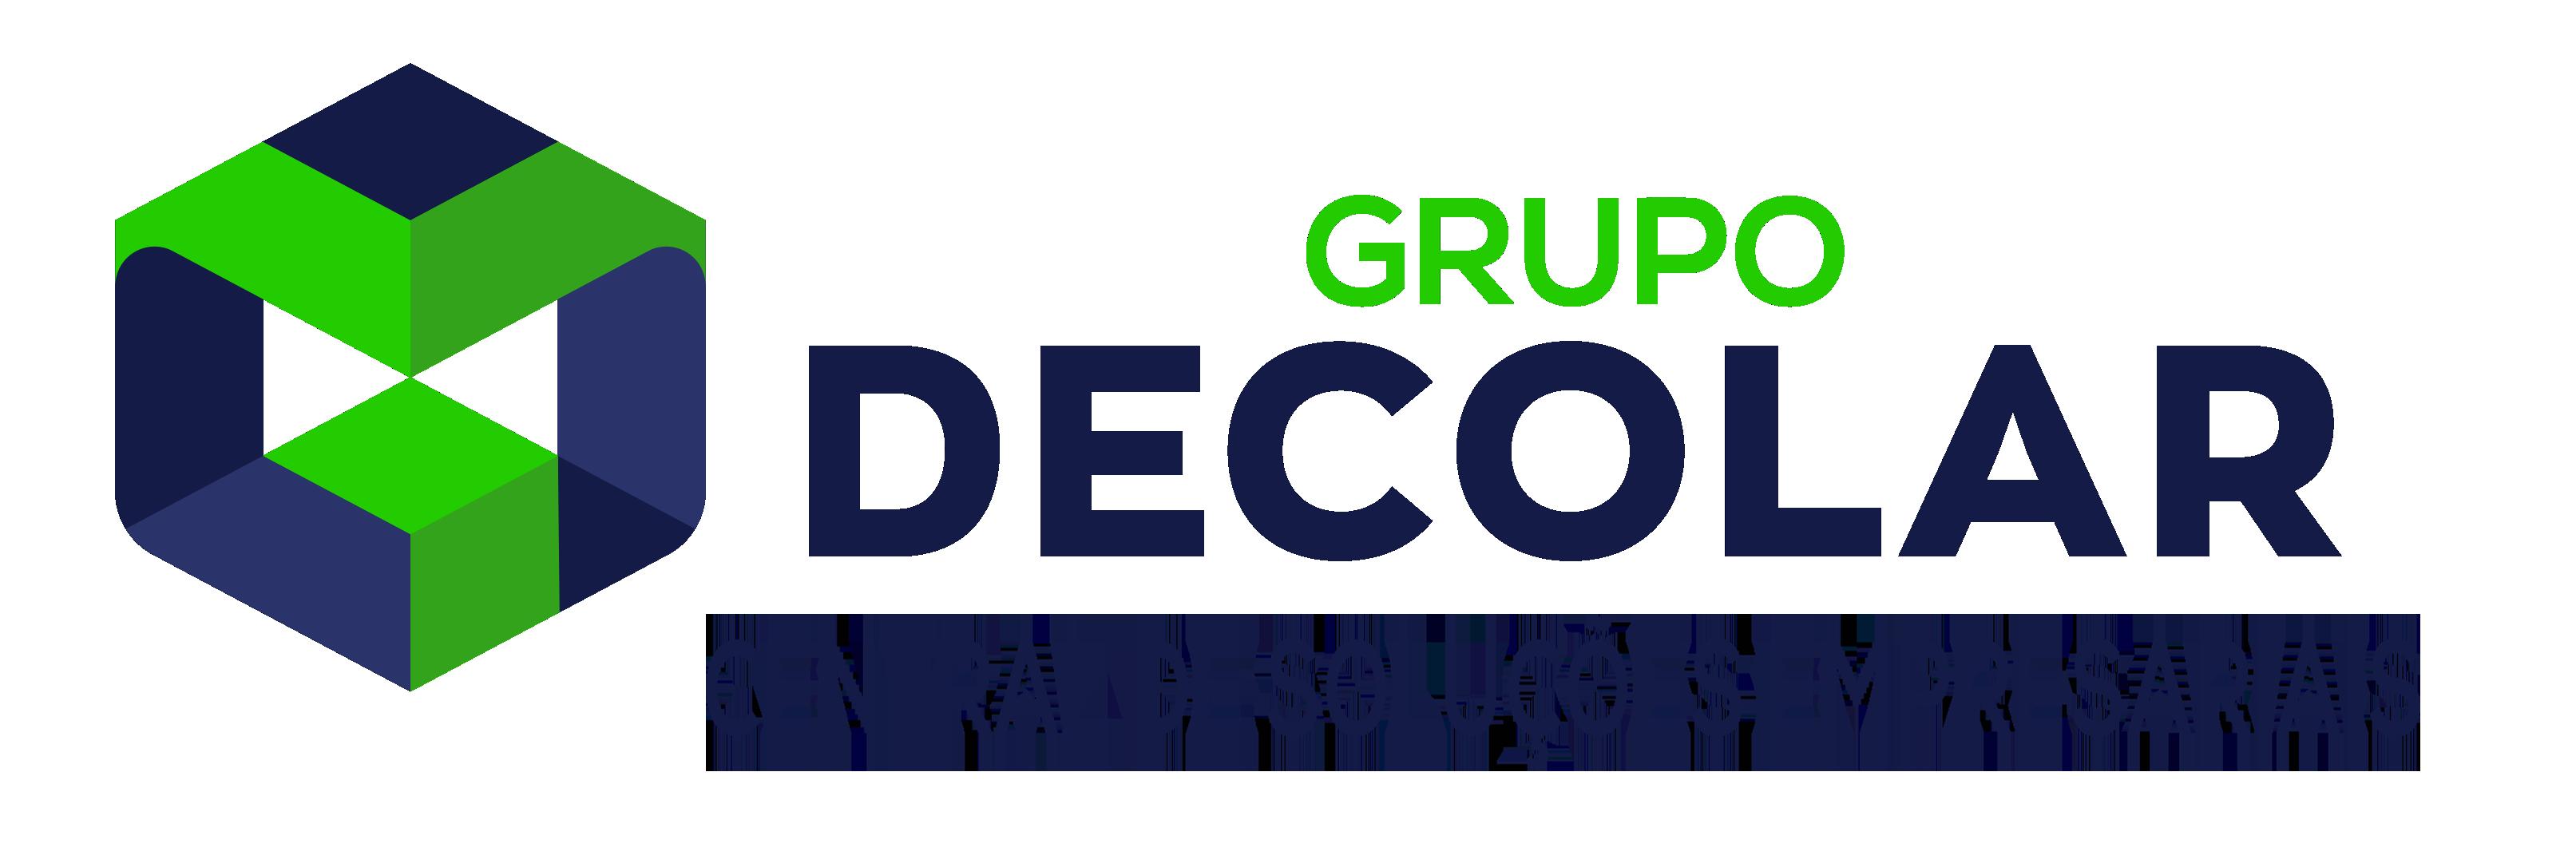 Grupo Decolar